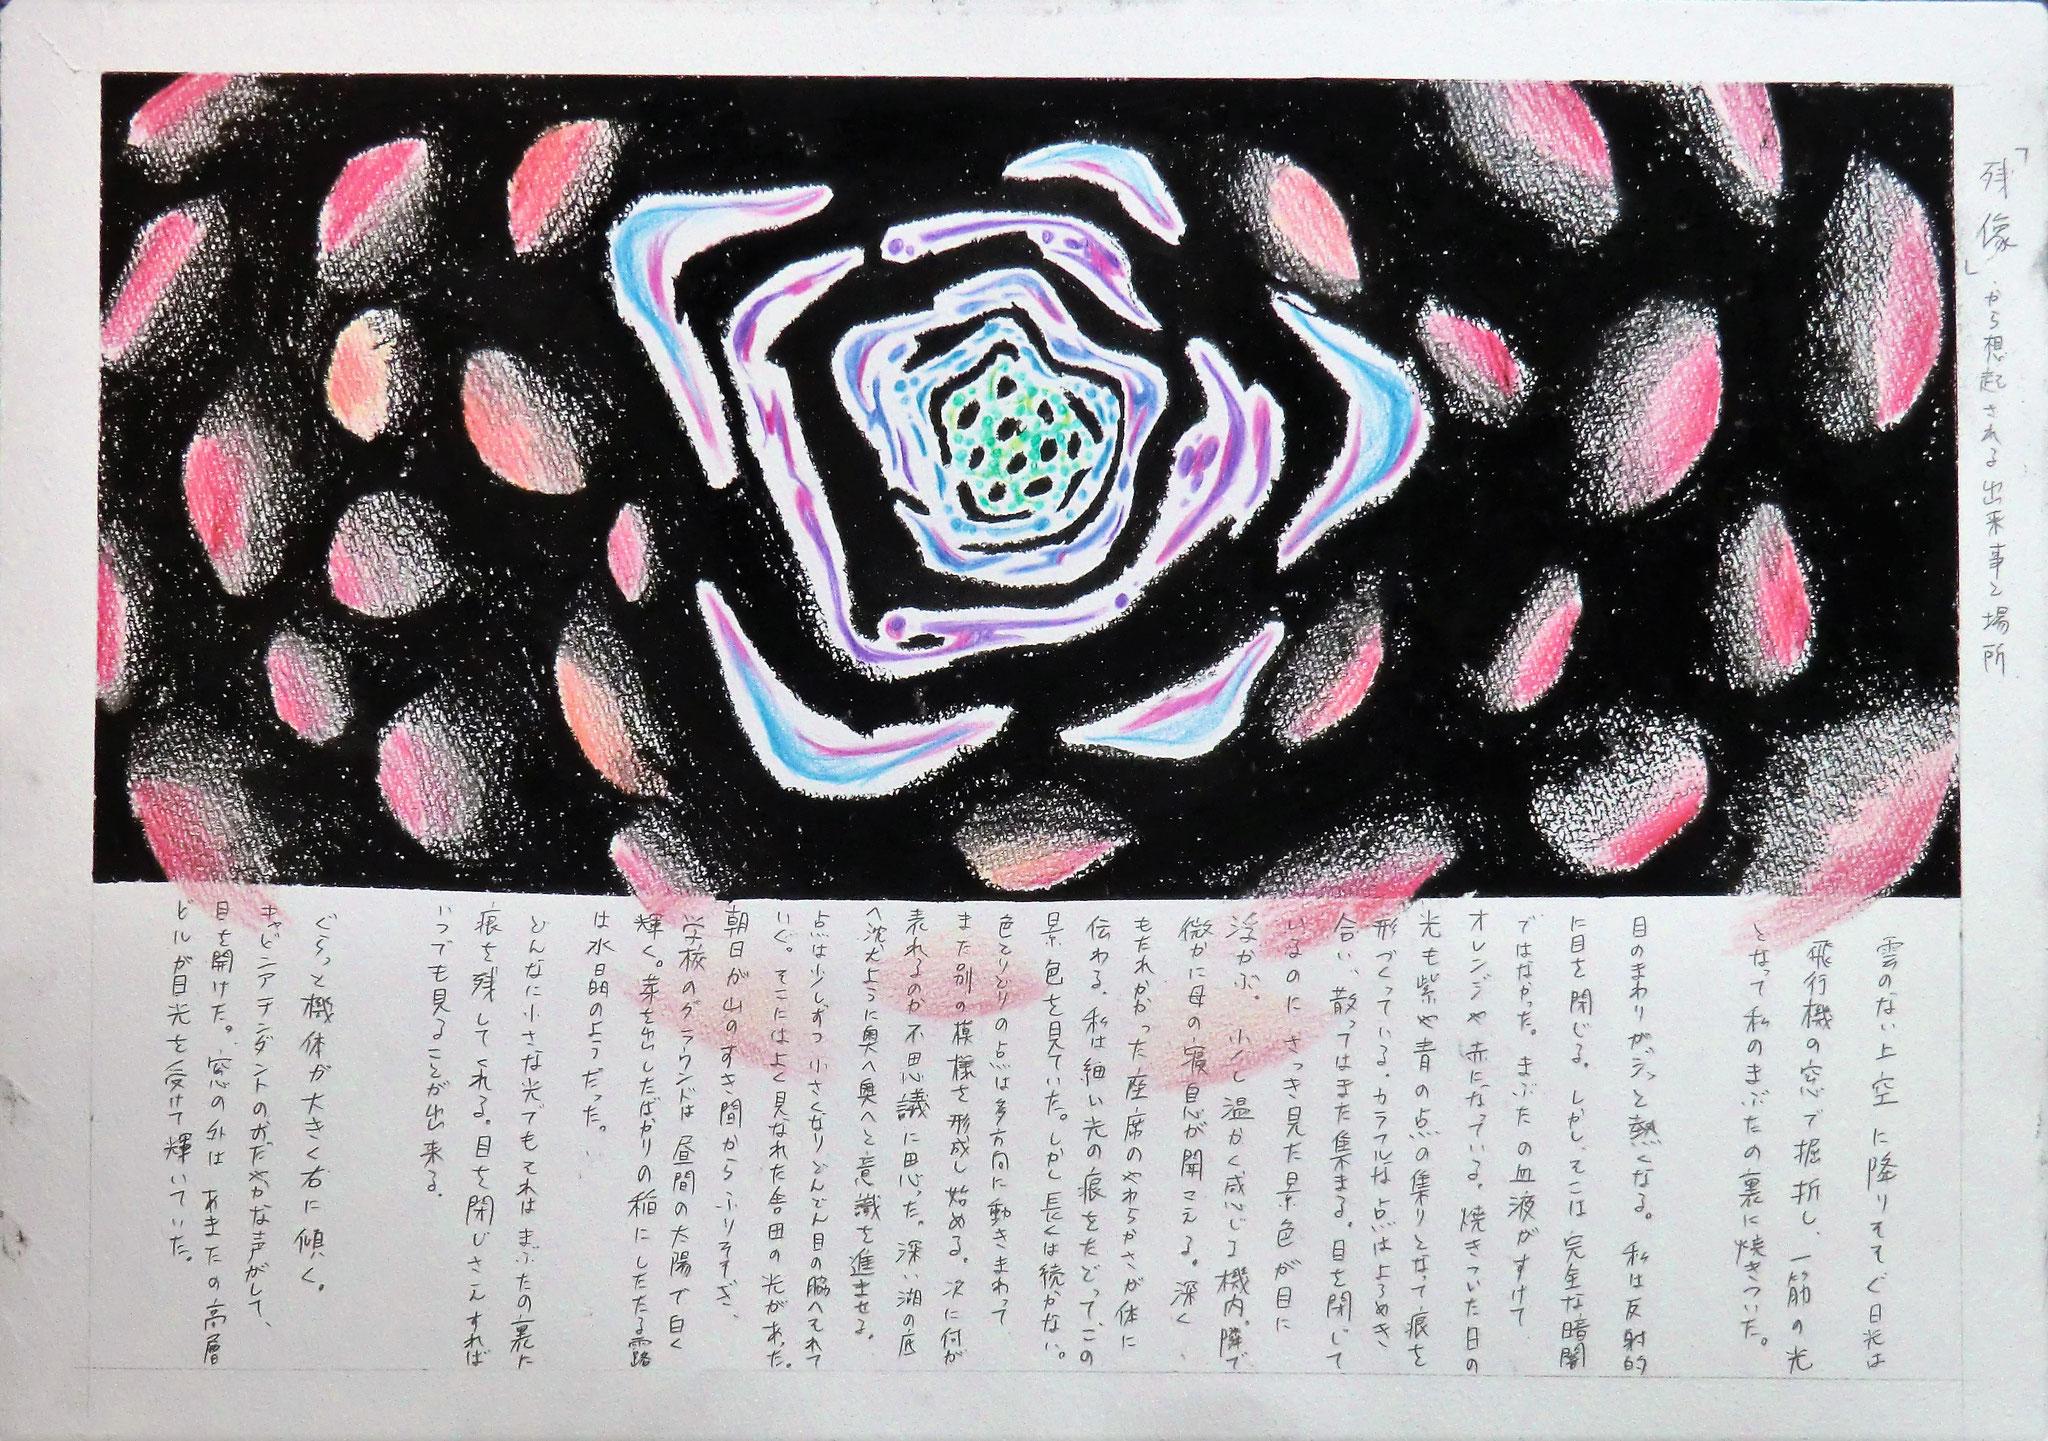 生徒作品119  「残像」から想起する場所のイメージ、あるいは出来事のイメージを絵と文章で表現 B3判 画用紙【映像系:武蔵野美大合格】